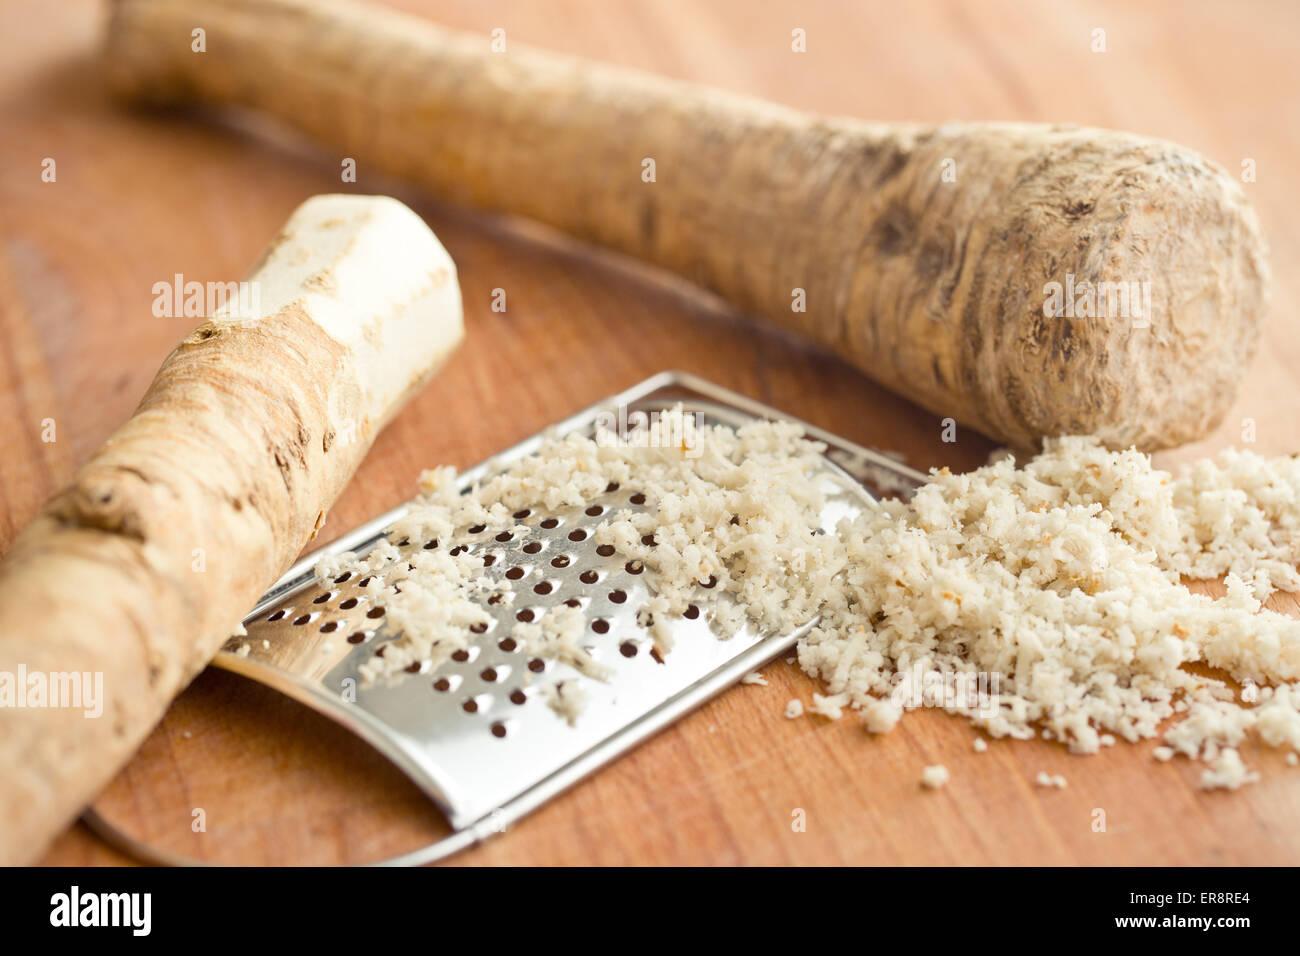 geriebenem Meerrettich-Wurzel auf Küchentisch Stockfoto